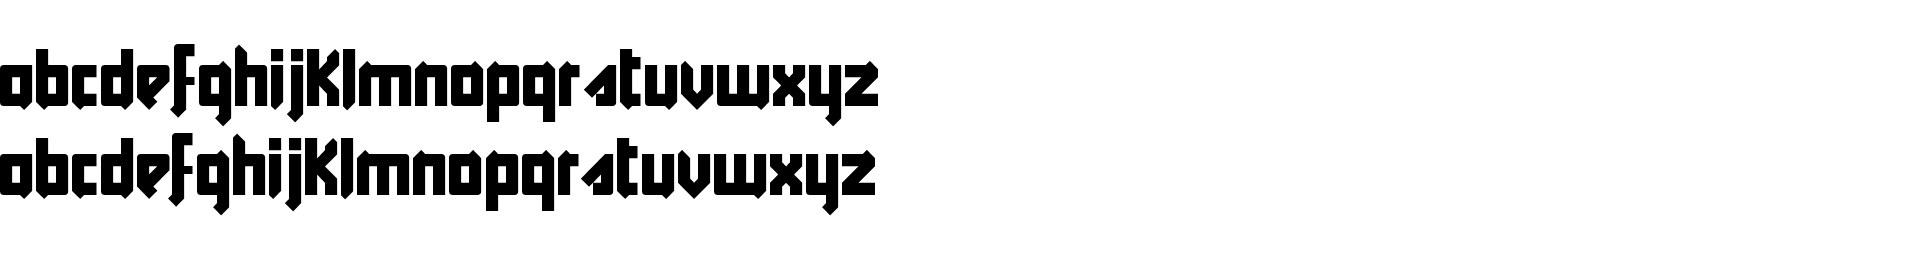 Y2K Friendly Future